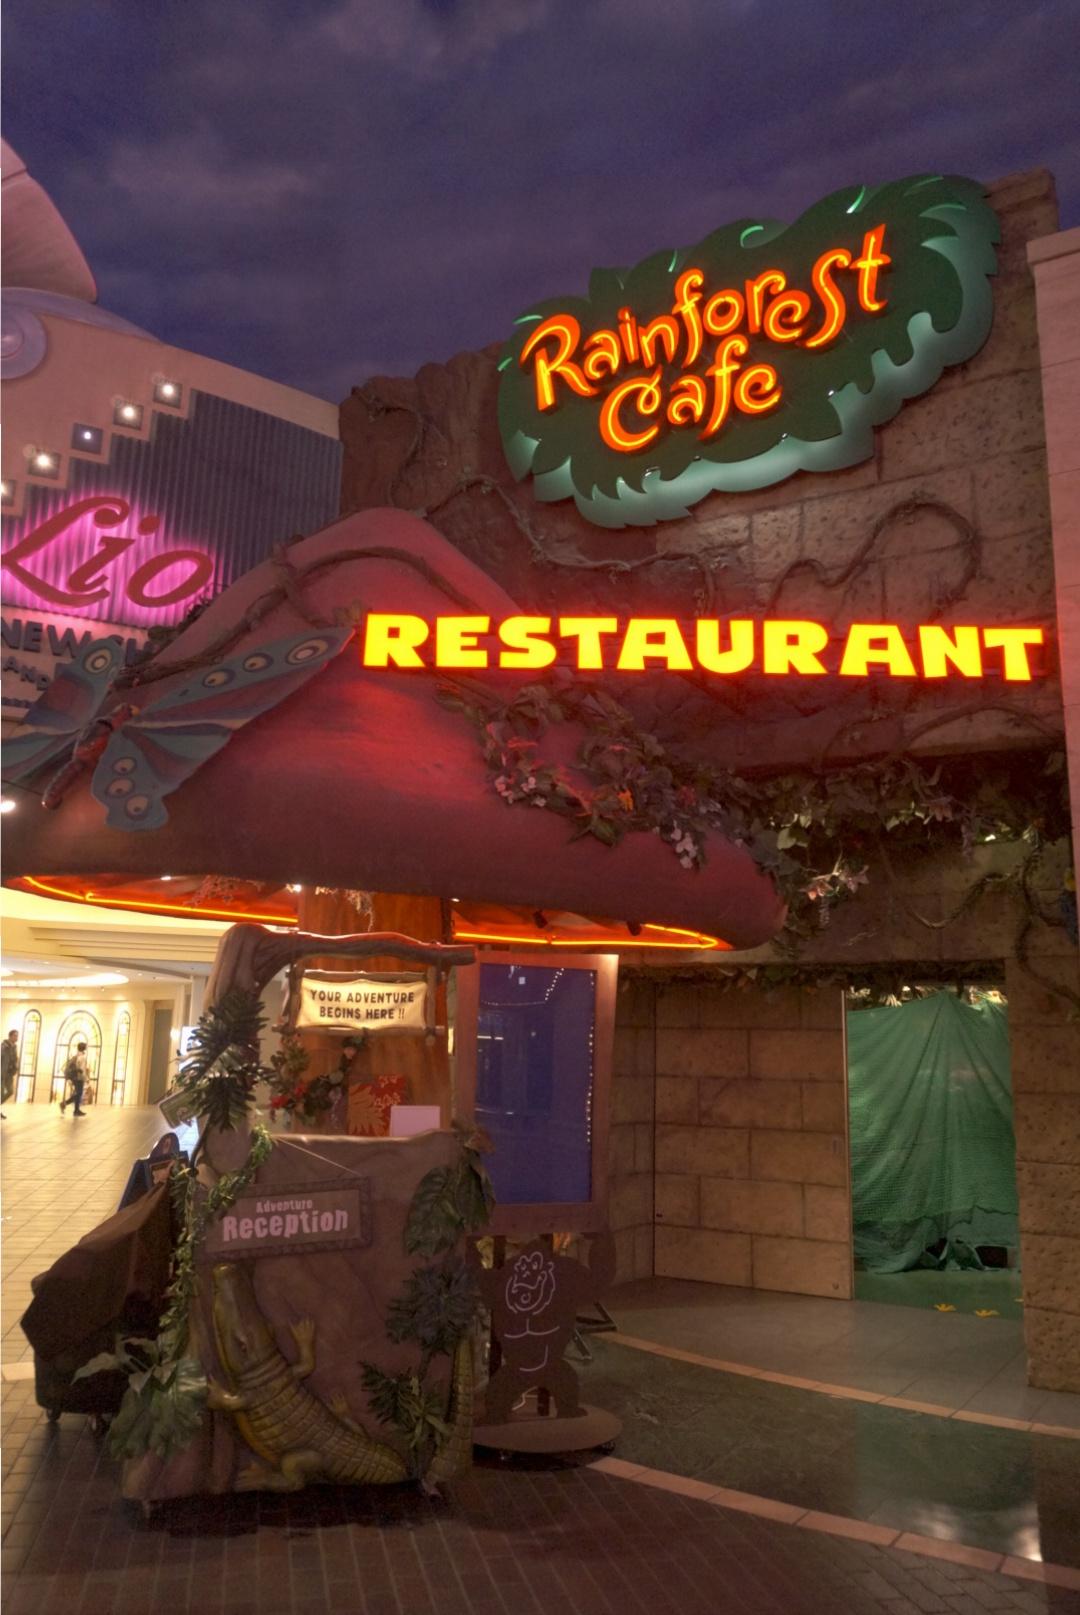 """まるで """" ジャングル """" みたい‼︎熱帯雨林と野生動物の保護をテーマにしたレストランが凄い✨ここでサプライズバースデーはいかが(*´∀`*)?_1"""